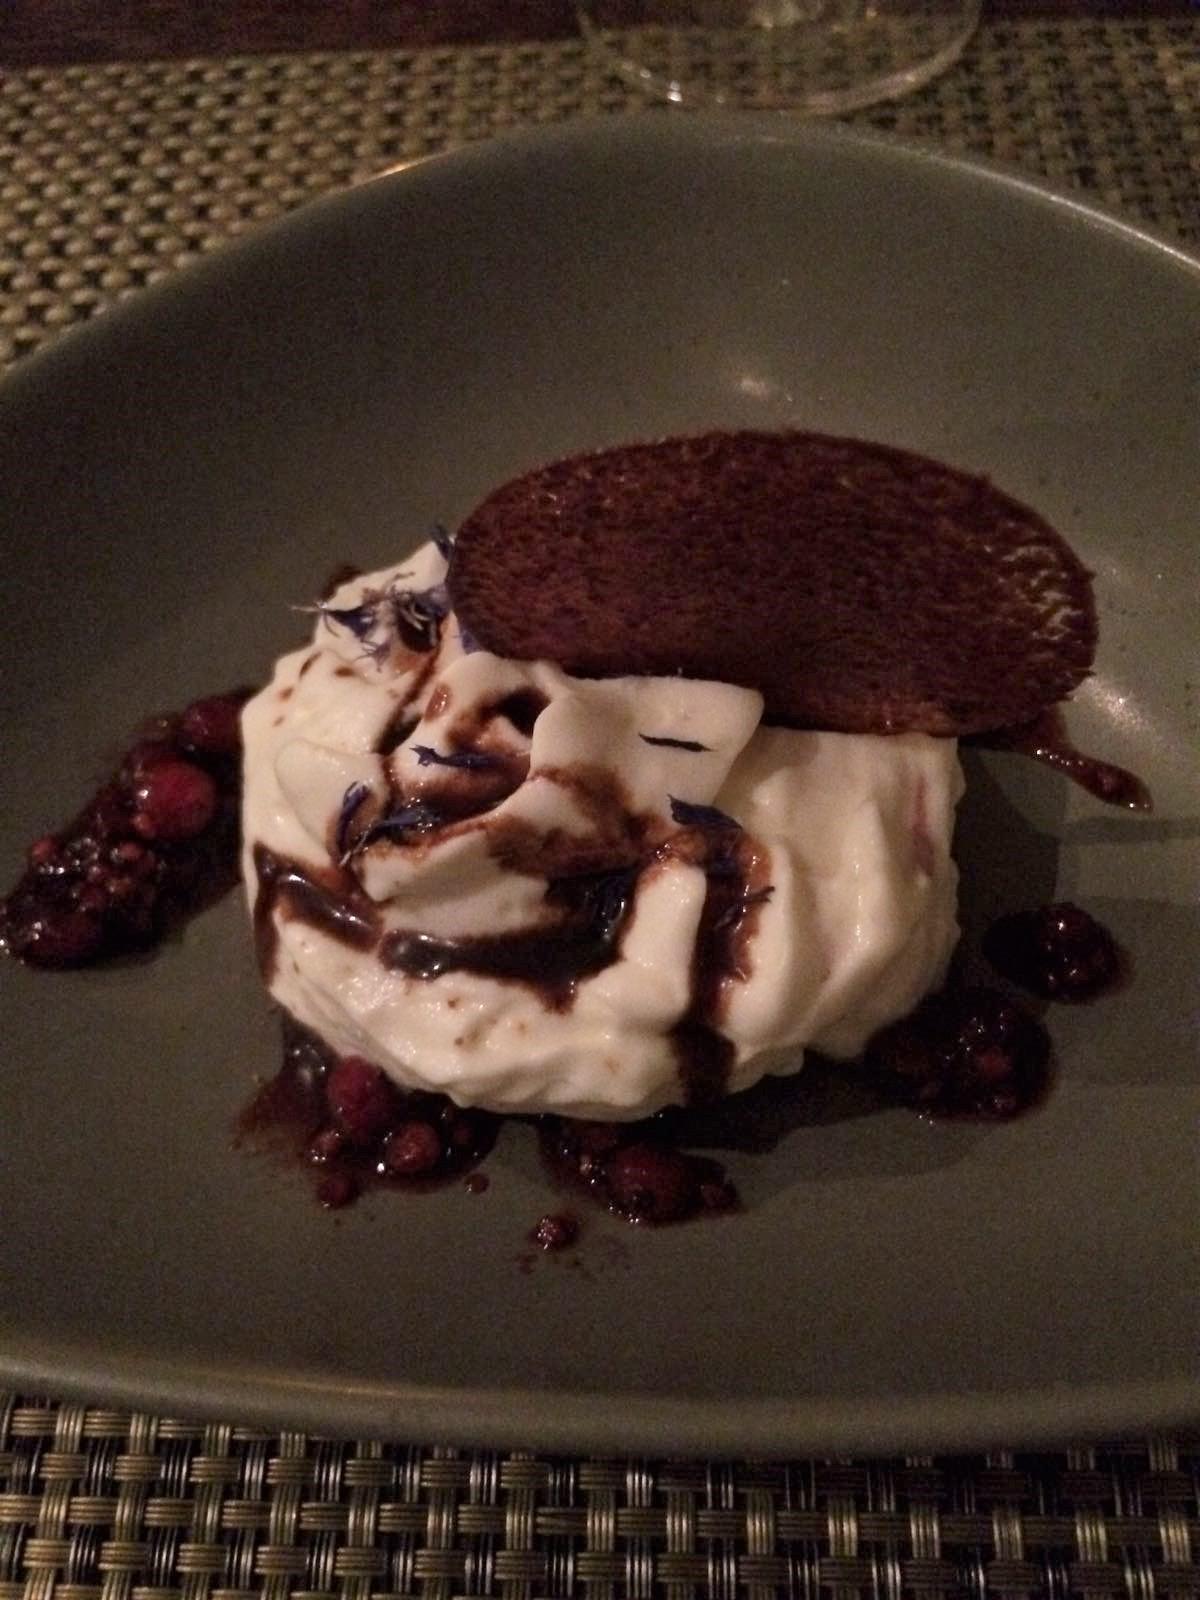 Das Cassiseis Mit Der Ivoire Schokoladenluft War Ein Würdiges Finale Für  Diesen Abend. Altem Essig Im Dessert Begegnet Man In Der Hoch Gastronomie  Ja ...